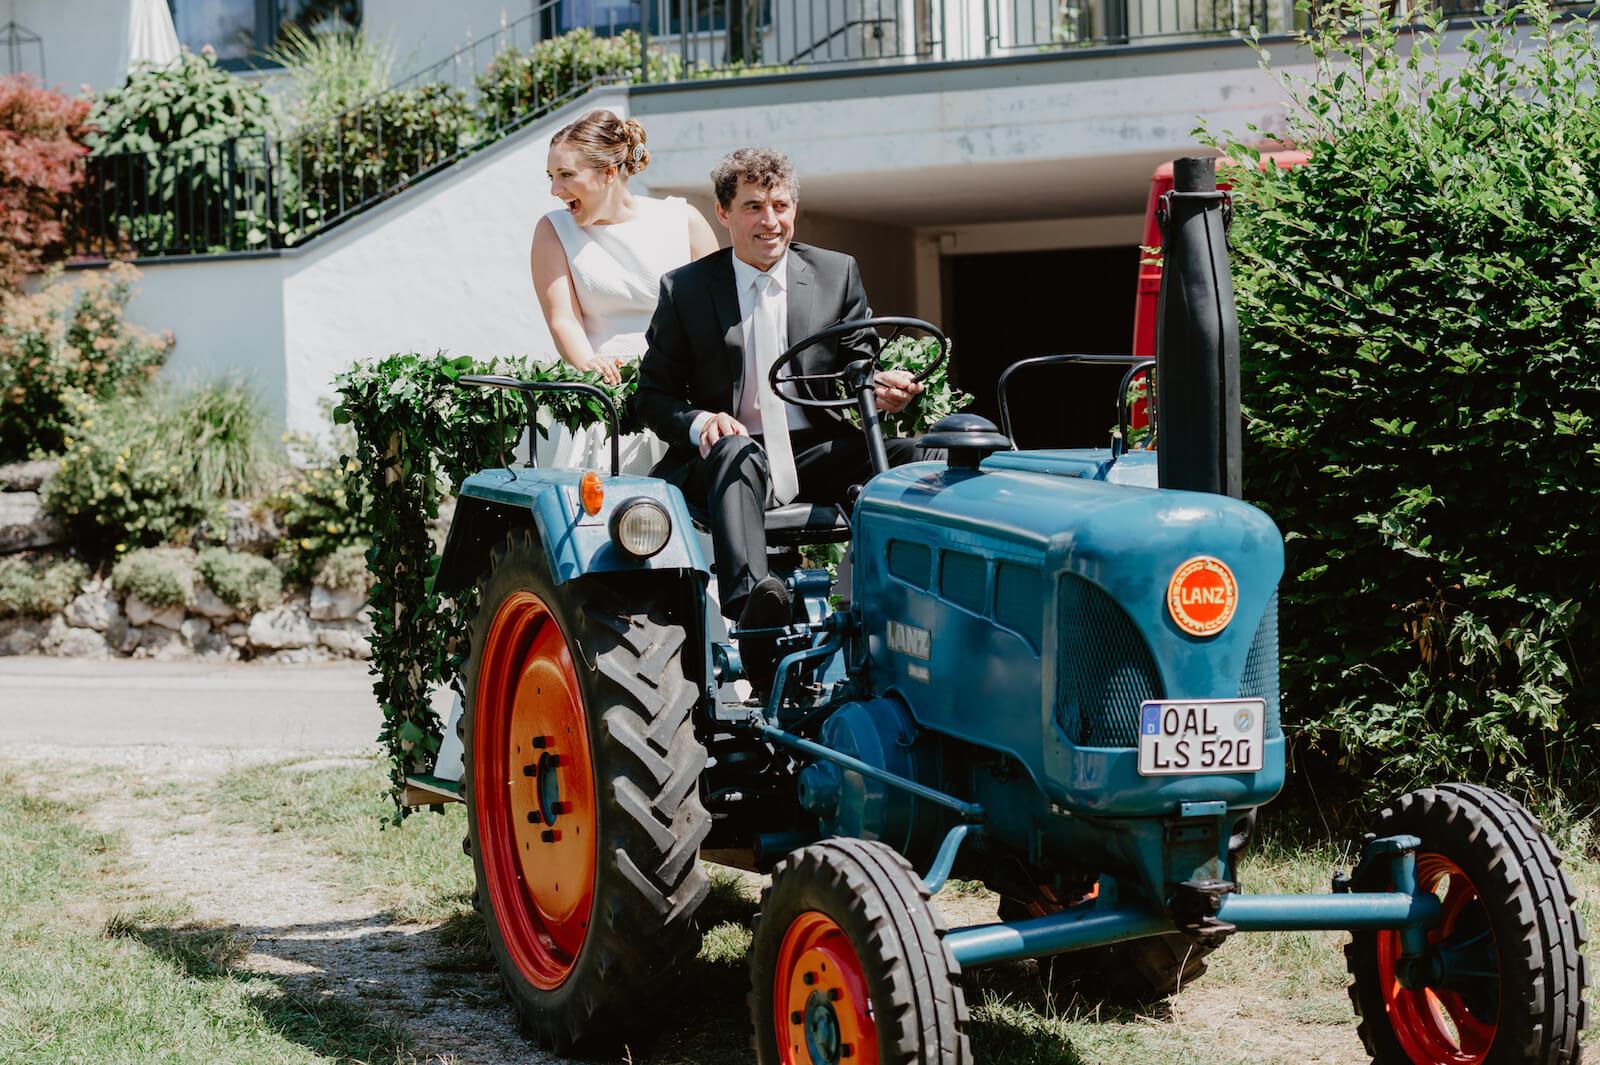 Gartenhochzeit Buchloe - Einzug der Braut mit Vater auf einem Lanz Traktor